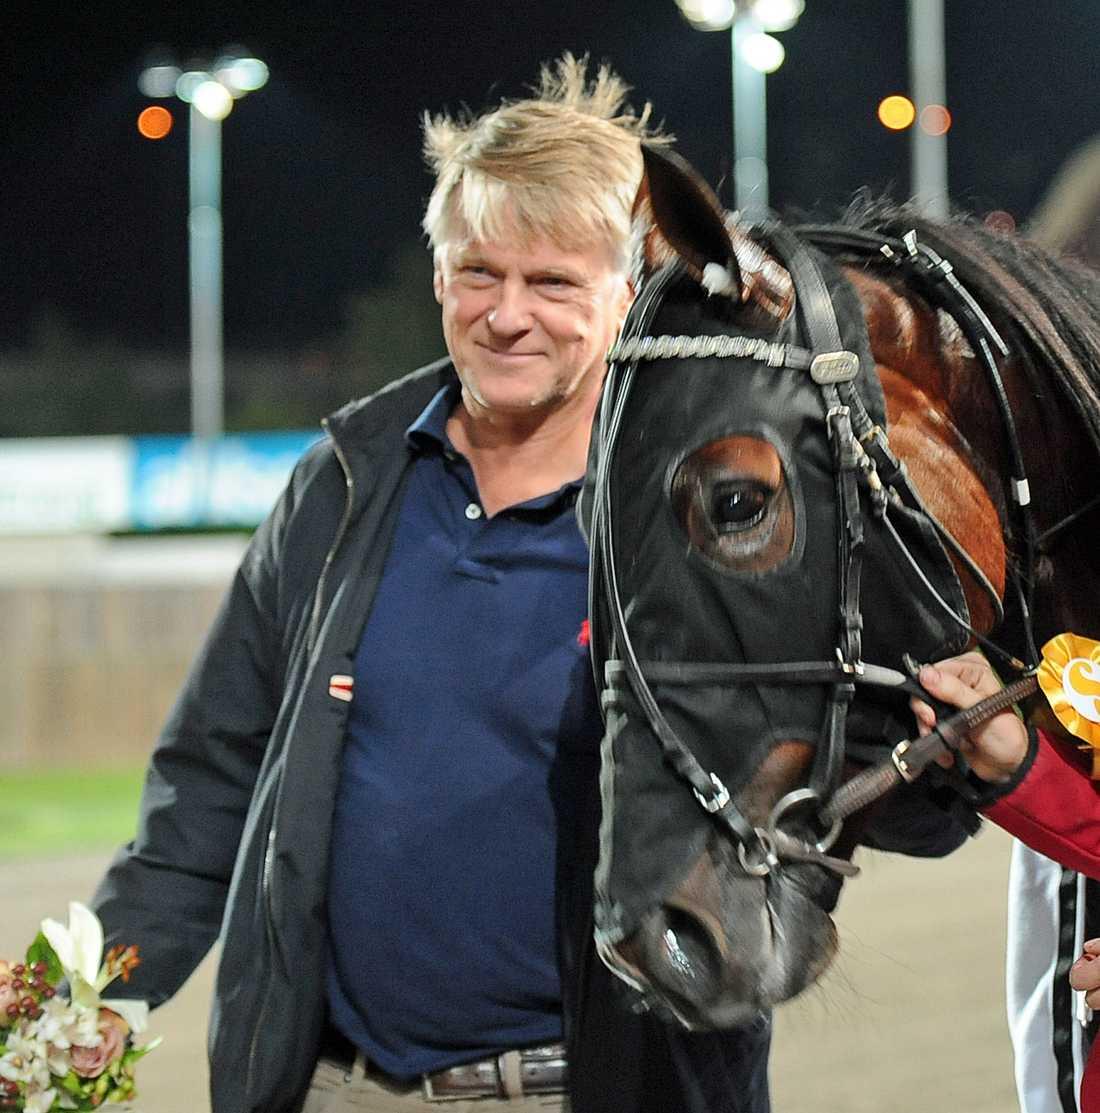 Storhästägaren Lennart Ågren fortsätter storsatsa genom att köpa välstammade ettåriga hästar.